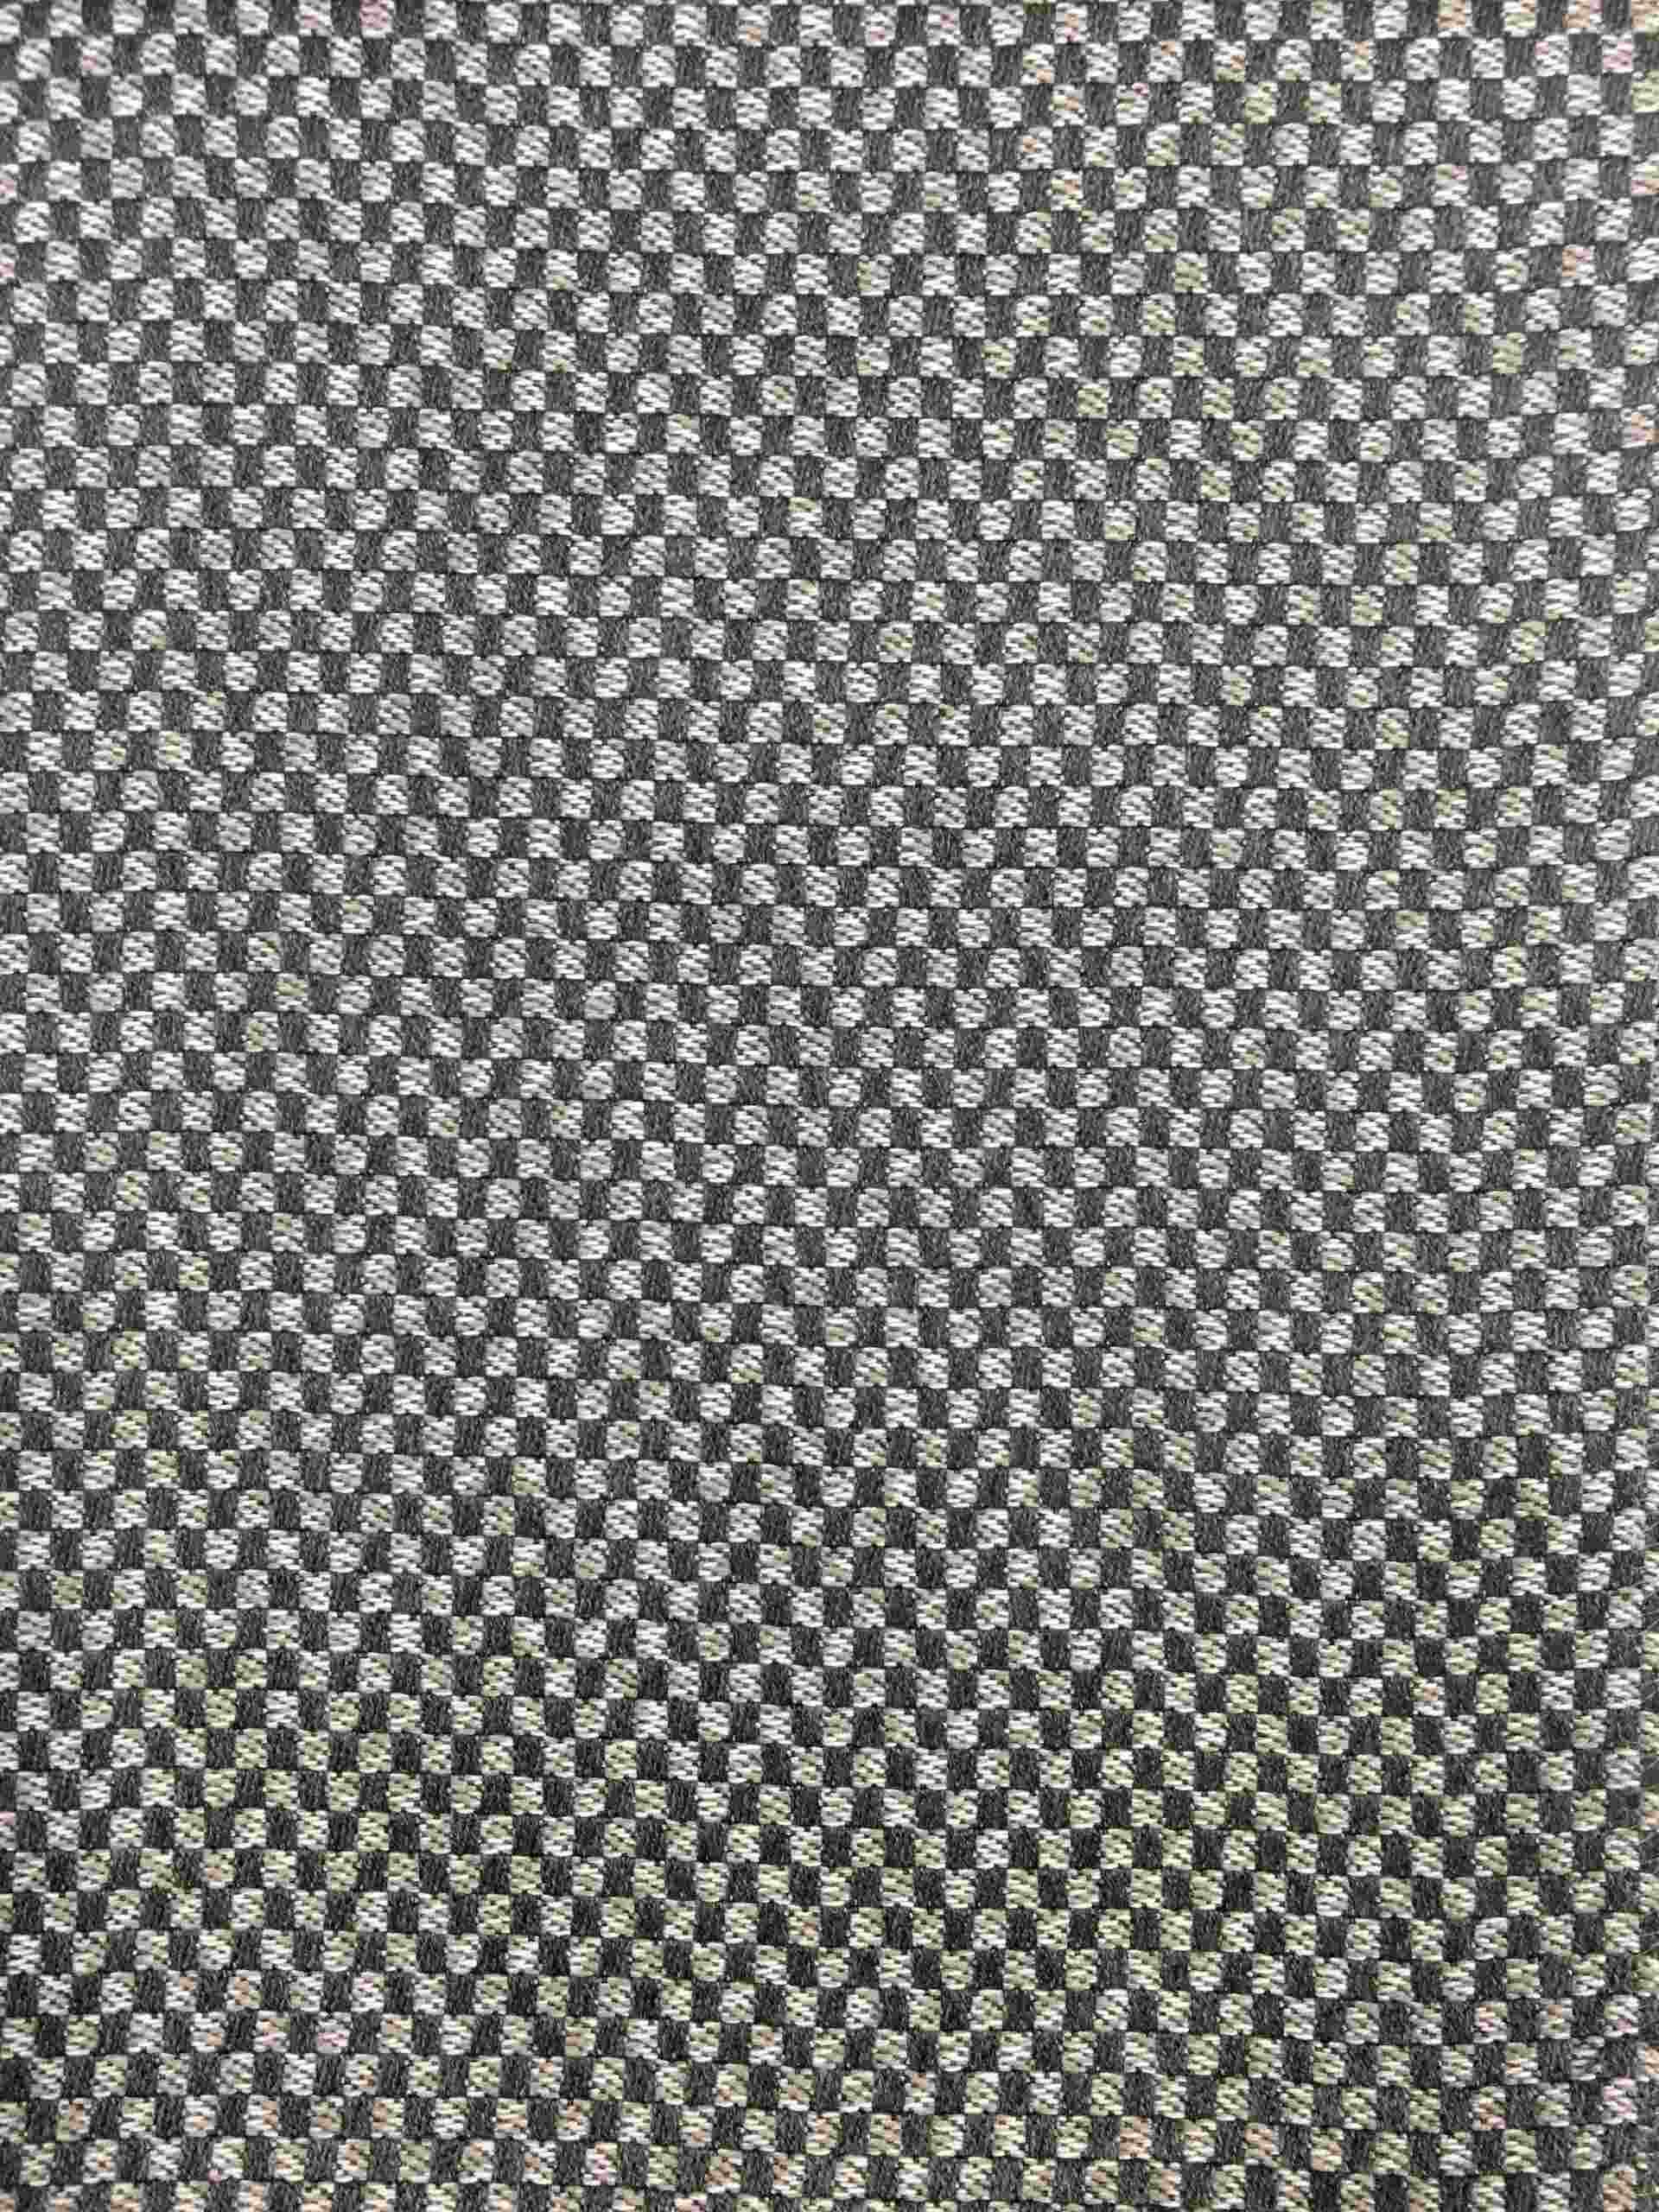 MARINO KARO GRAPHIT-SILBER 3105 KAT. 3